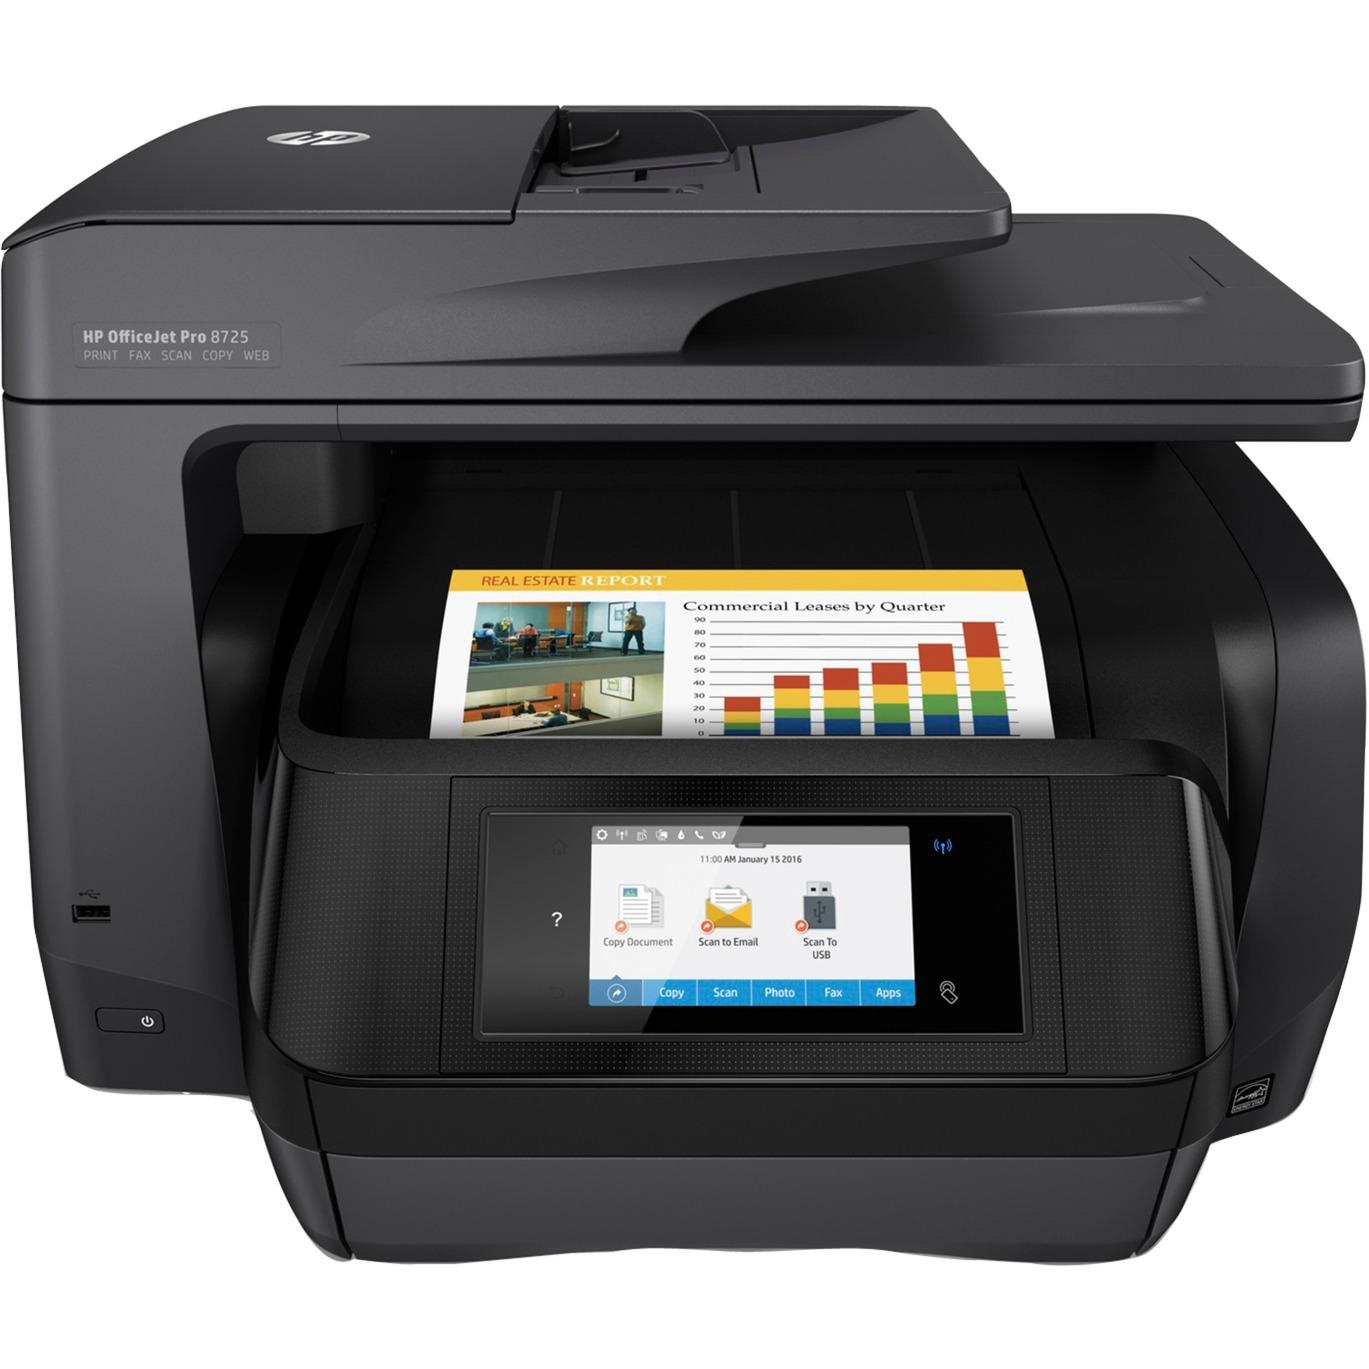 OfficeJet Pro Imprimante tout-en-un Pro 8725, Imprimante multifonction